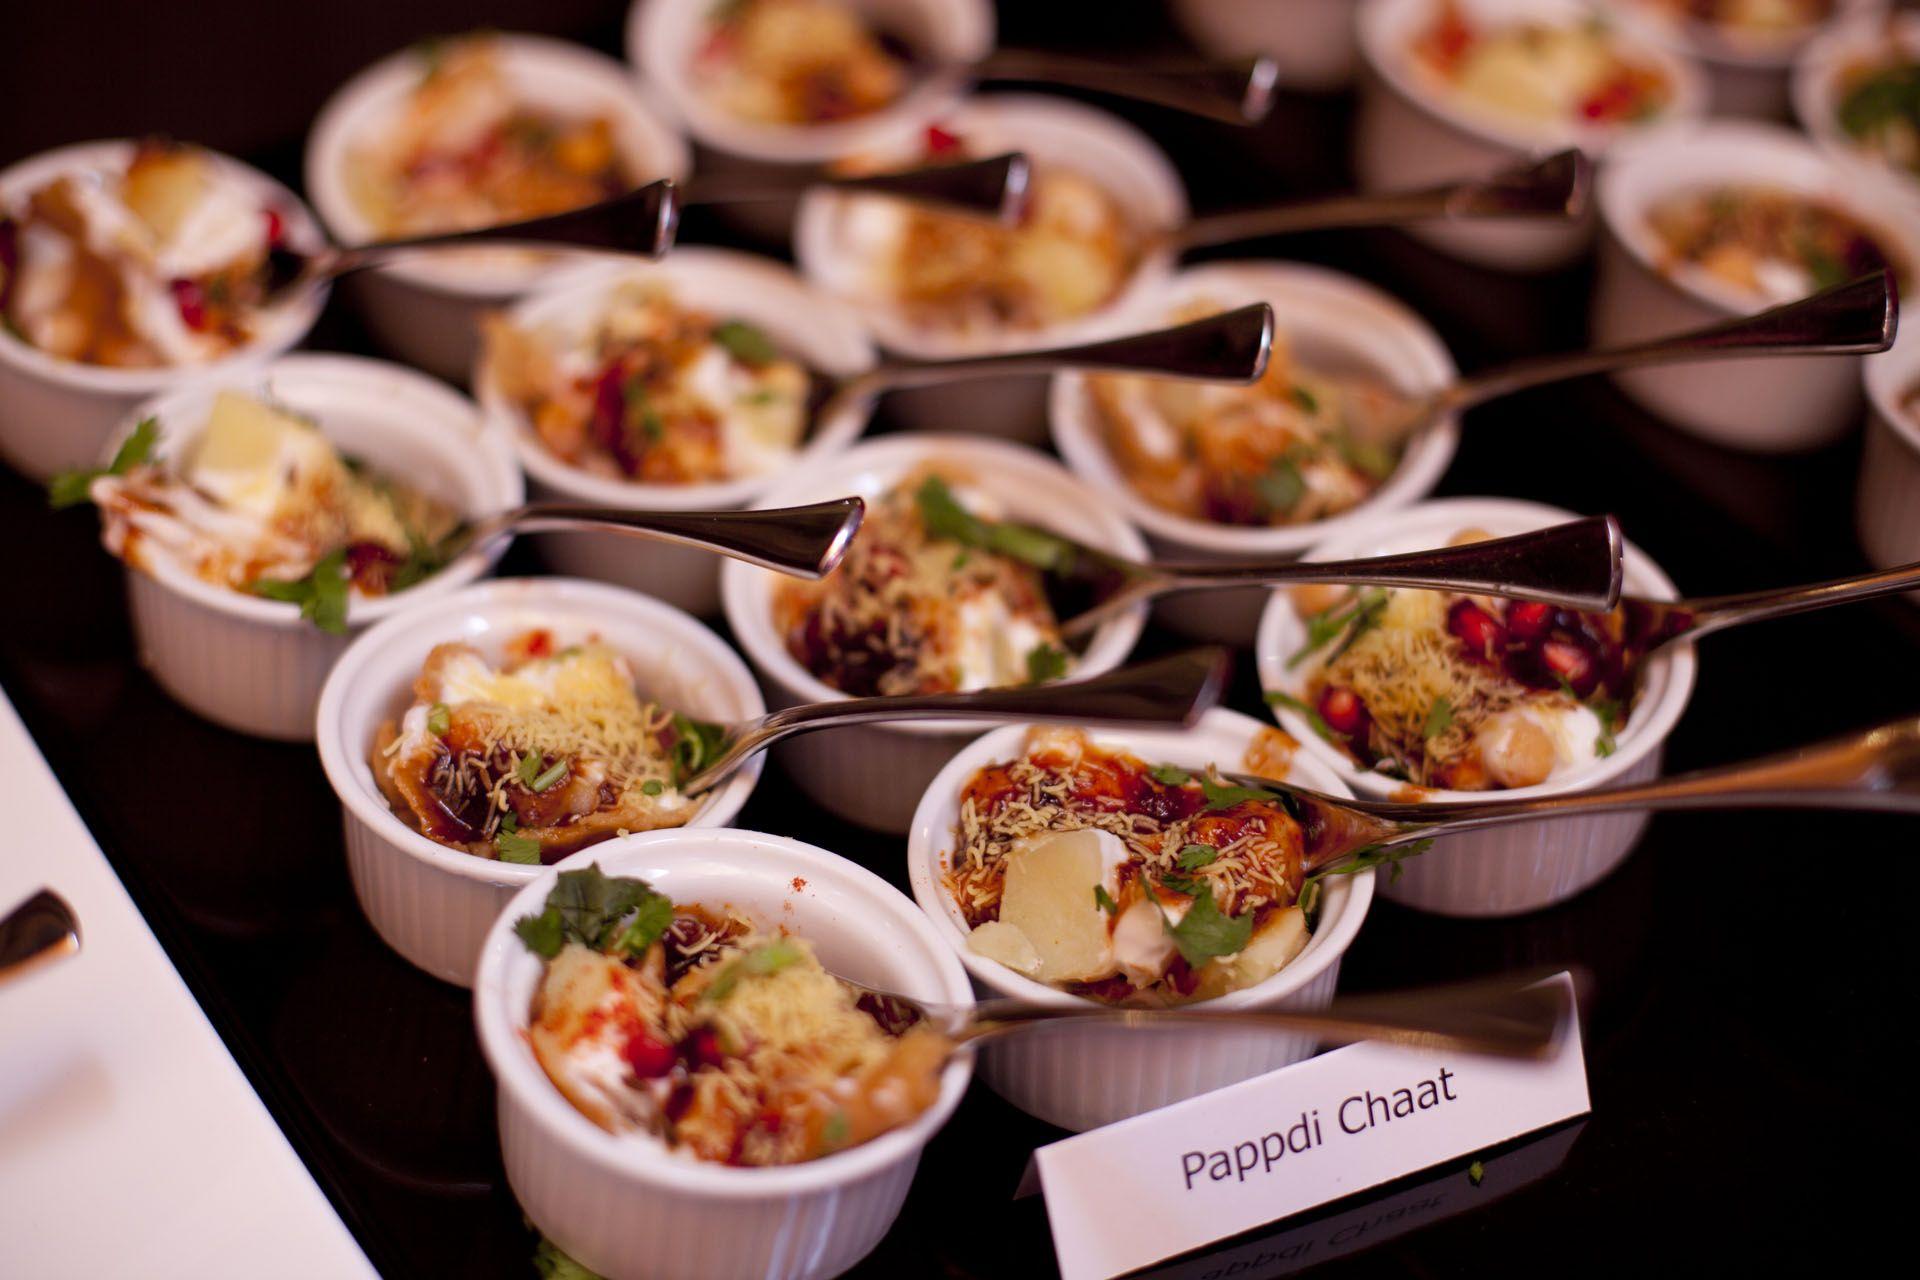 mehendi decorations, mehendi ceremony ideas, mehendi food, fusion food